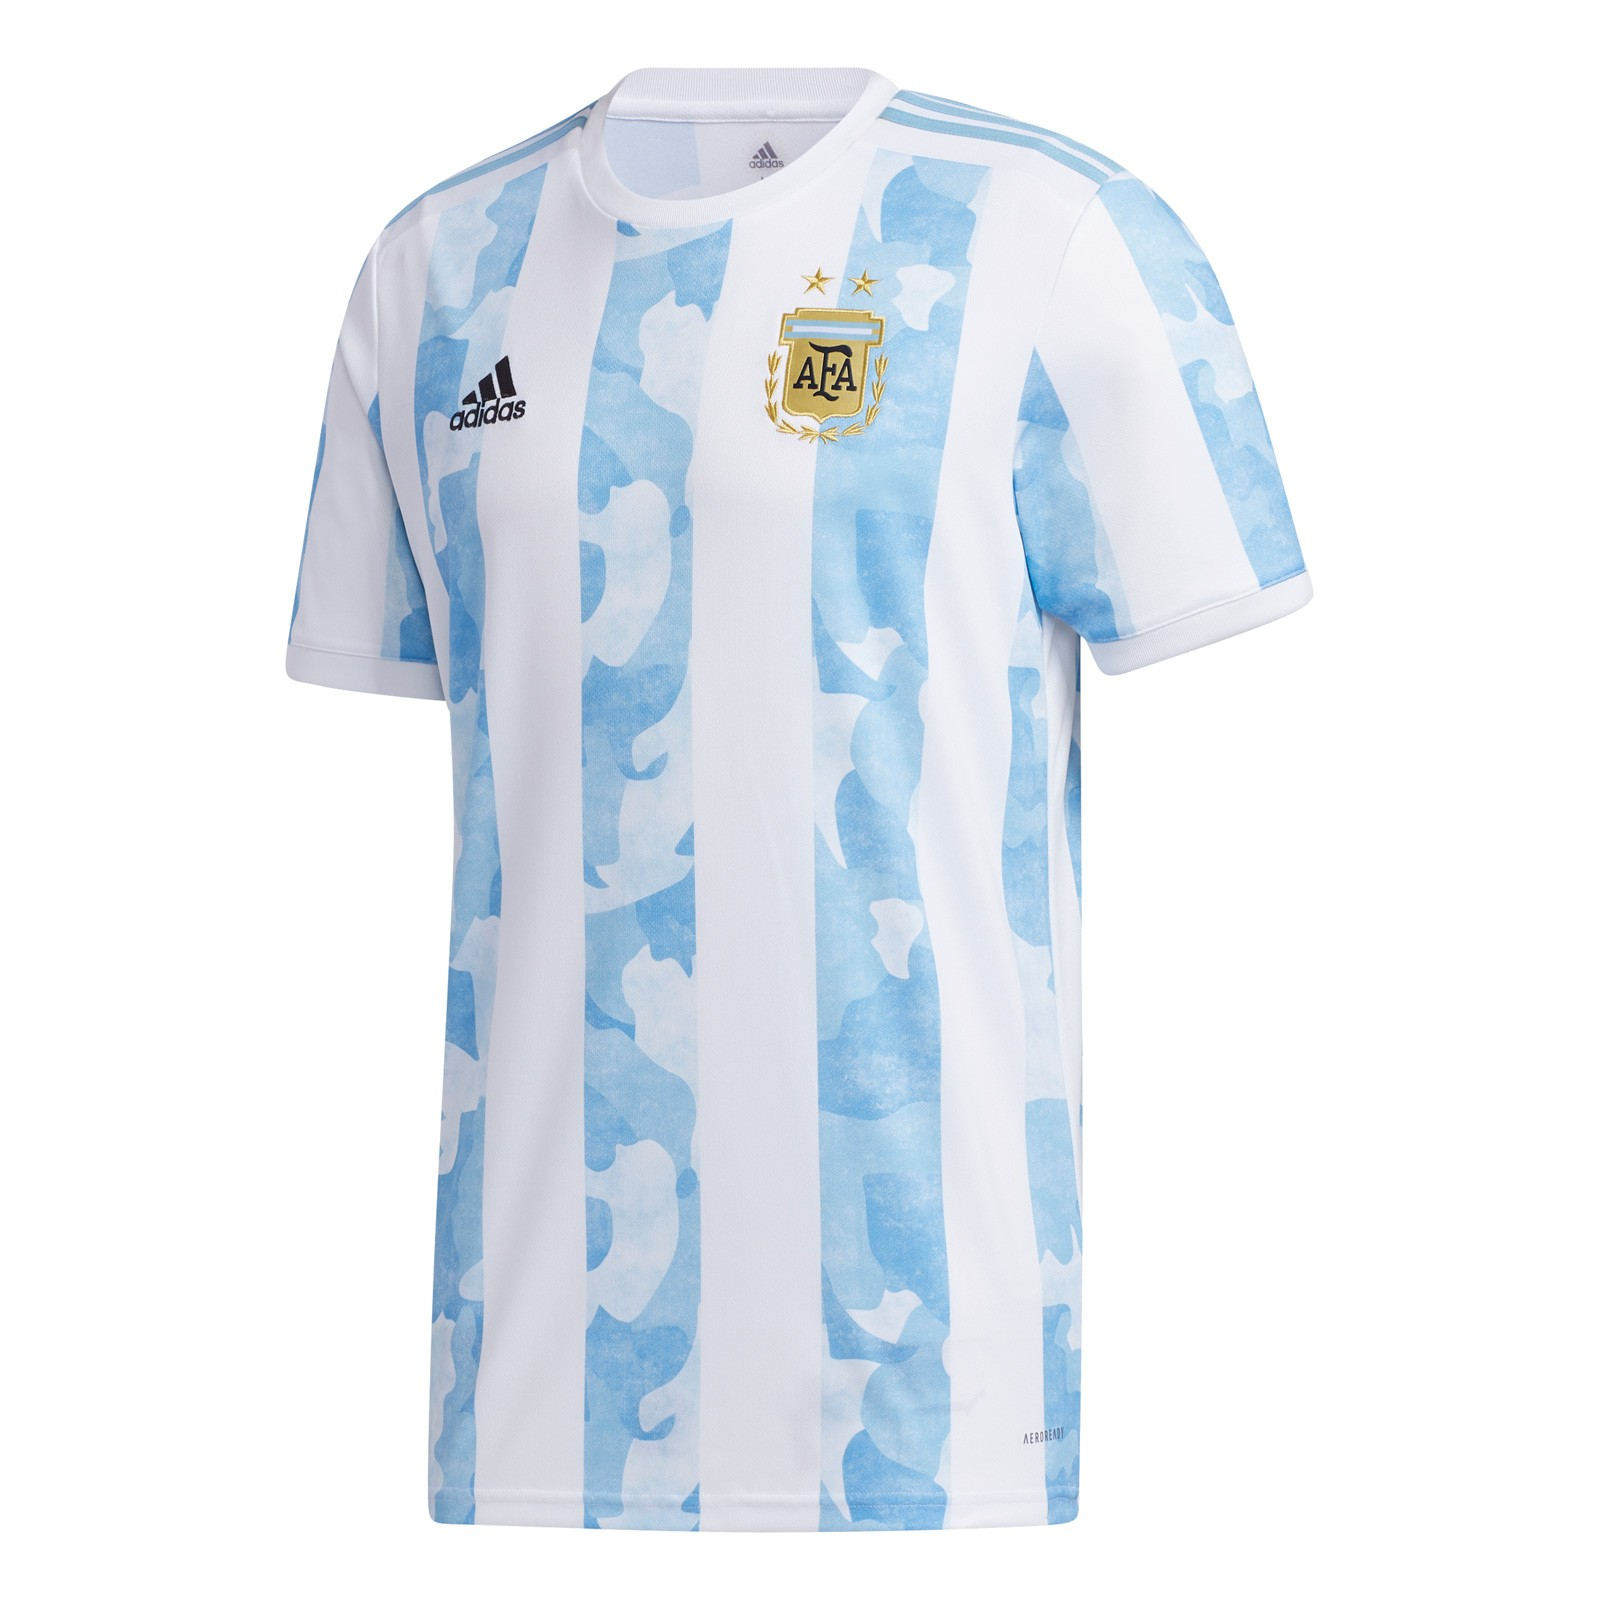 阿根廷国家队2021美洲杯球迷版主场球衣